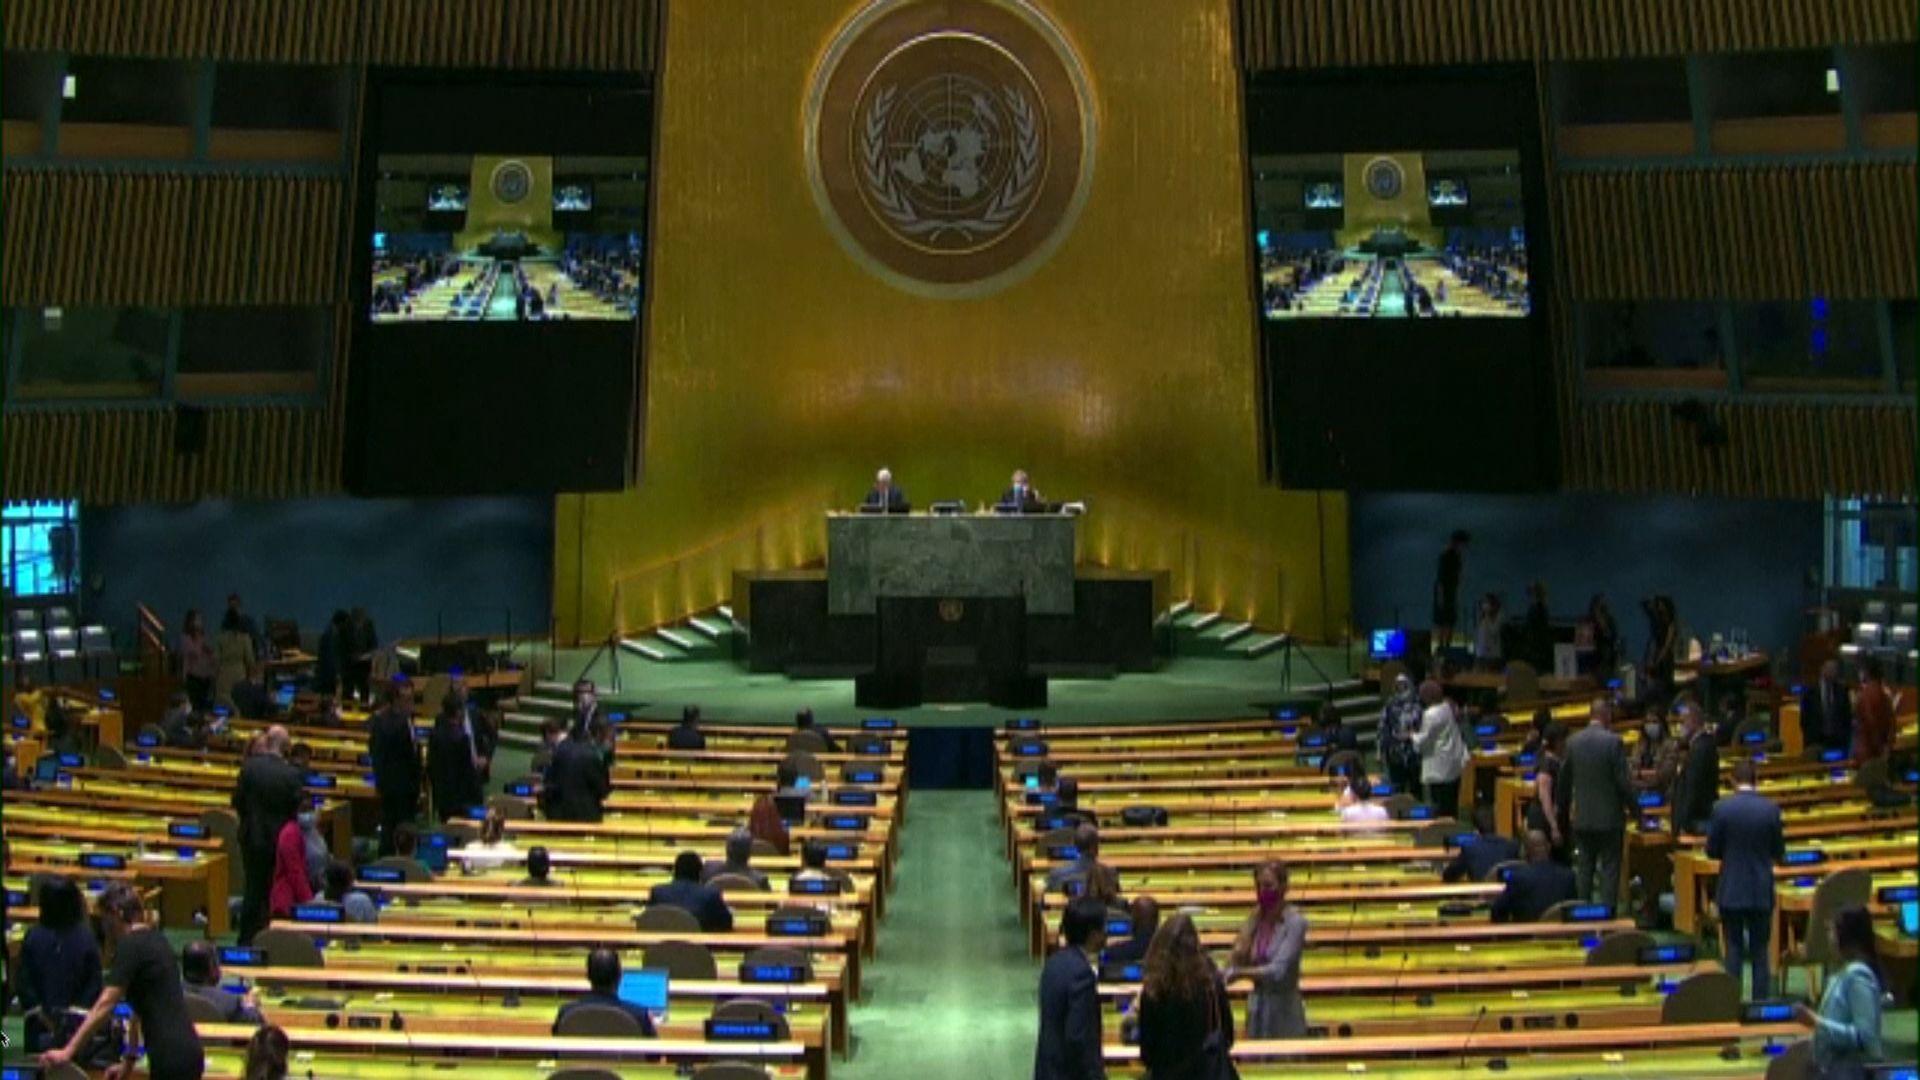 聯大通過譴責緬甸軍事政變 中方:緬甸當前問題屬內政